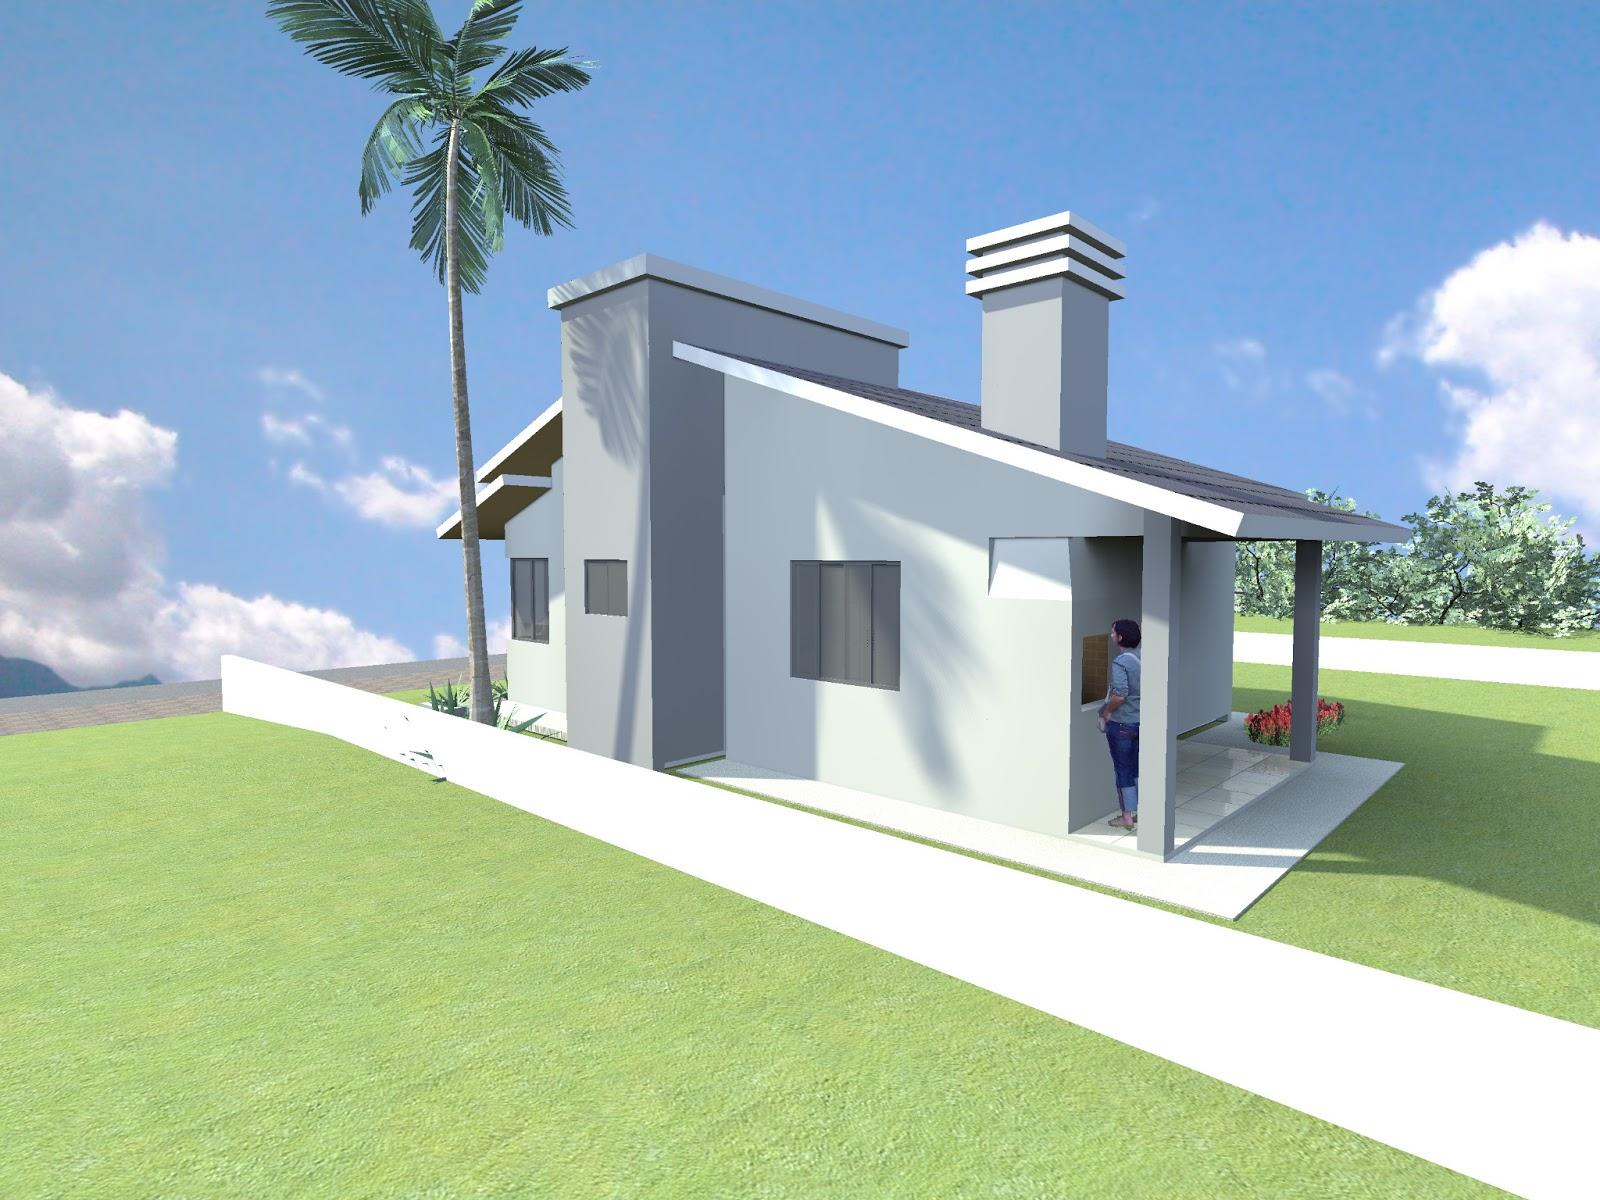 #2E629D  cozinha área de serviço e varanda. O projeto prevê ampliação de 1600x1200 px Projeto Cozinha Comunitária Governo Federal_4147 Imagens